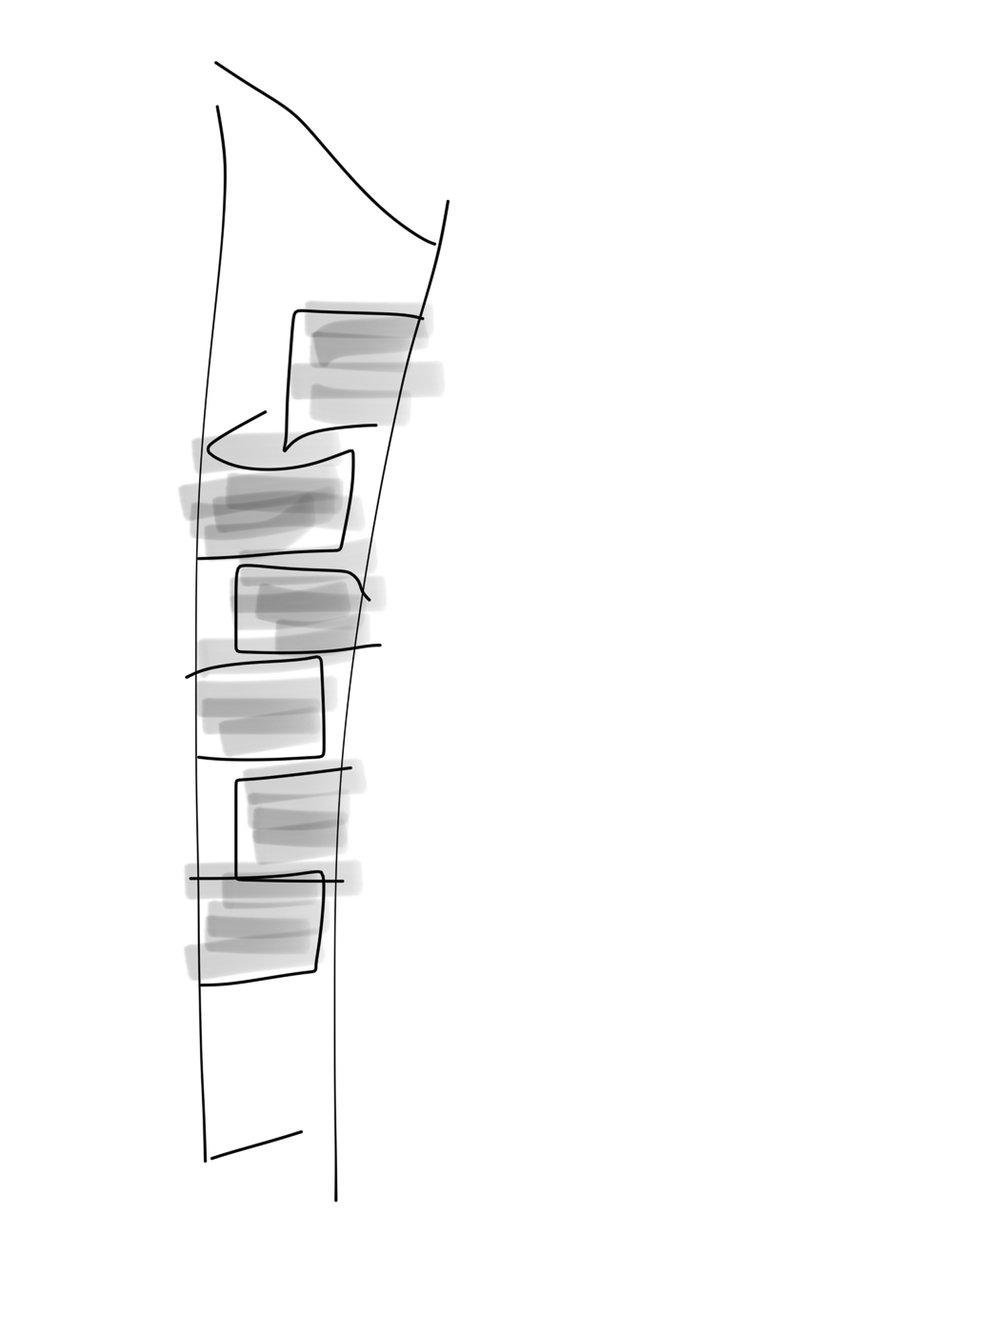 Sketch-433.jpg